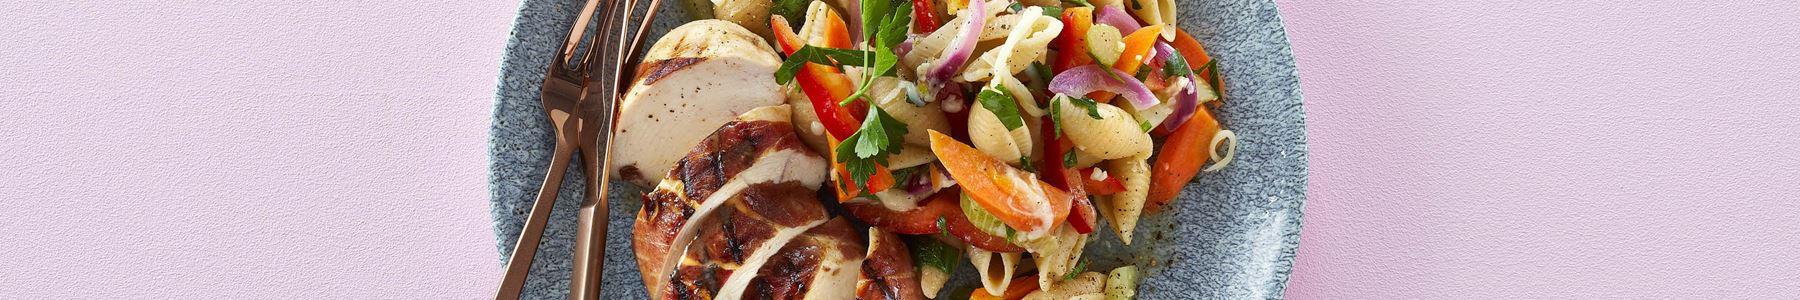 Salater + Pasta + Efterår + Sommer